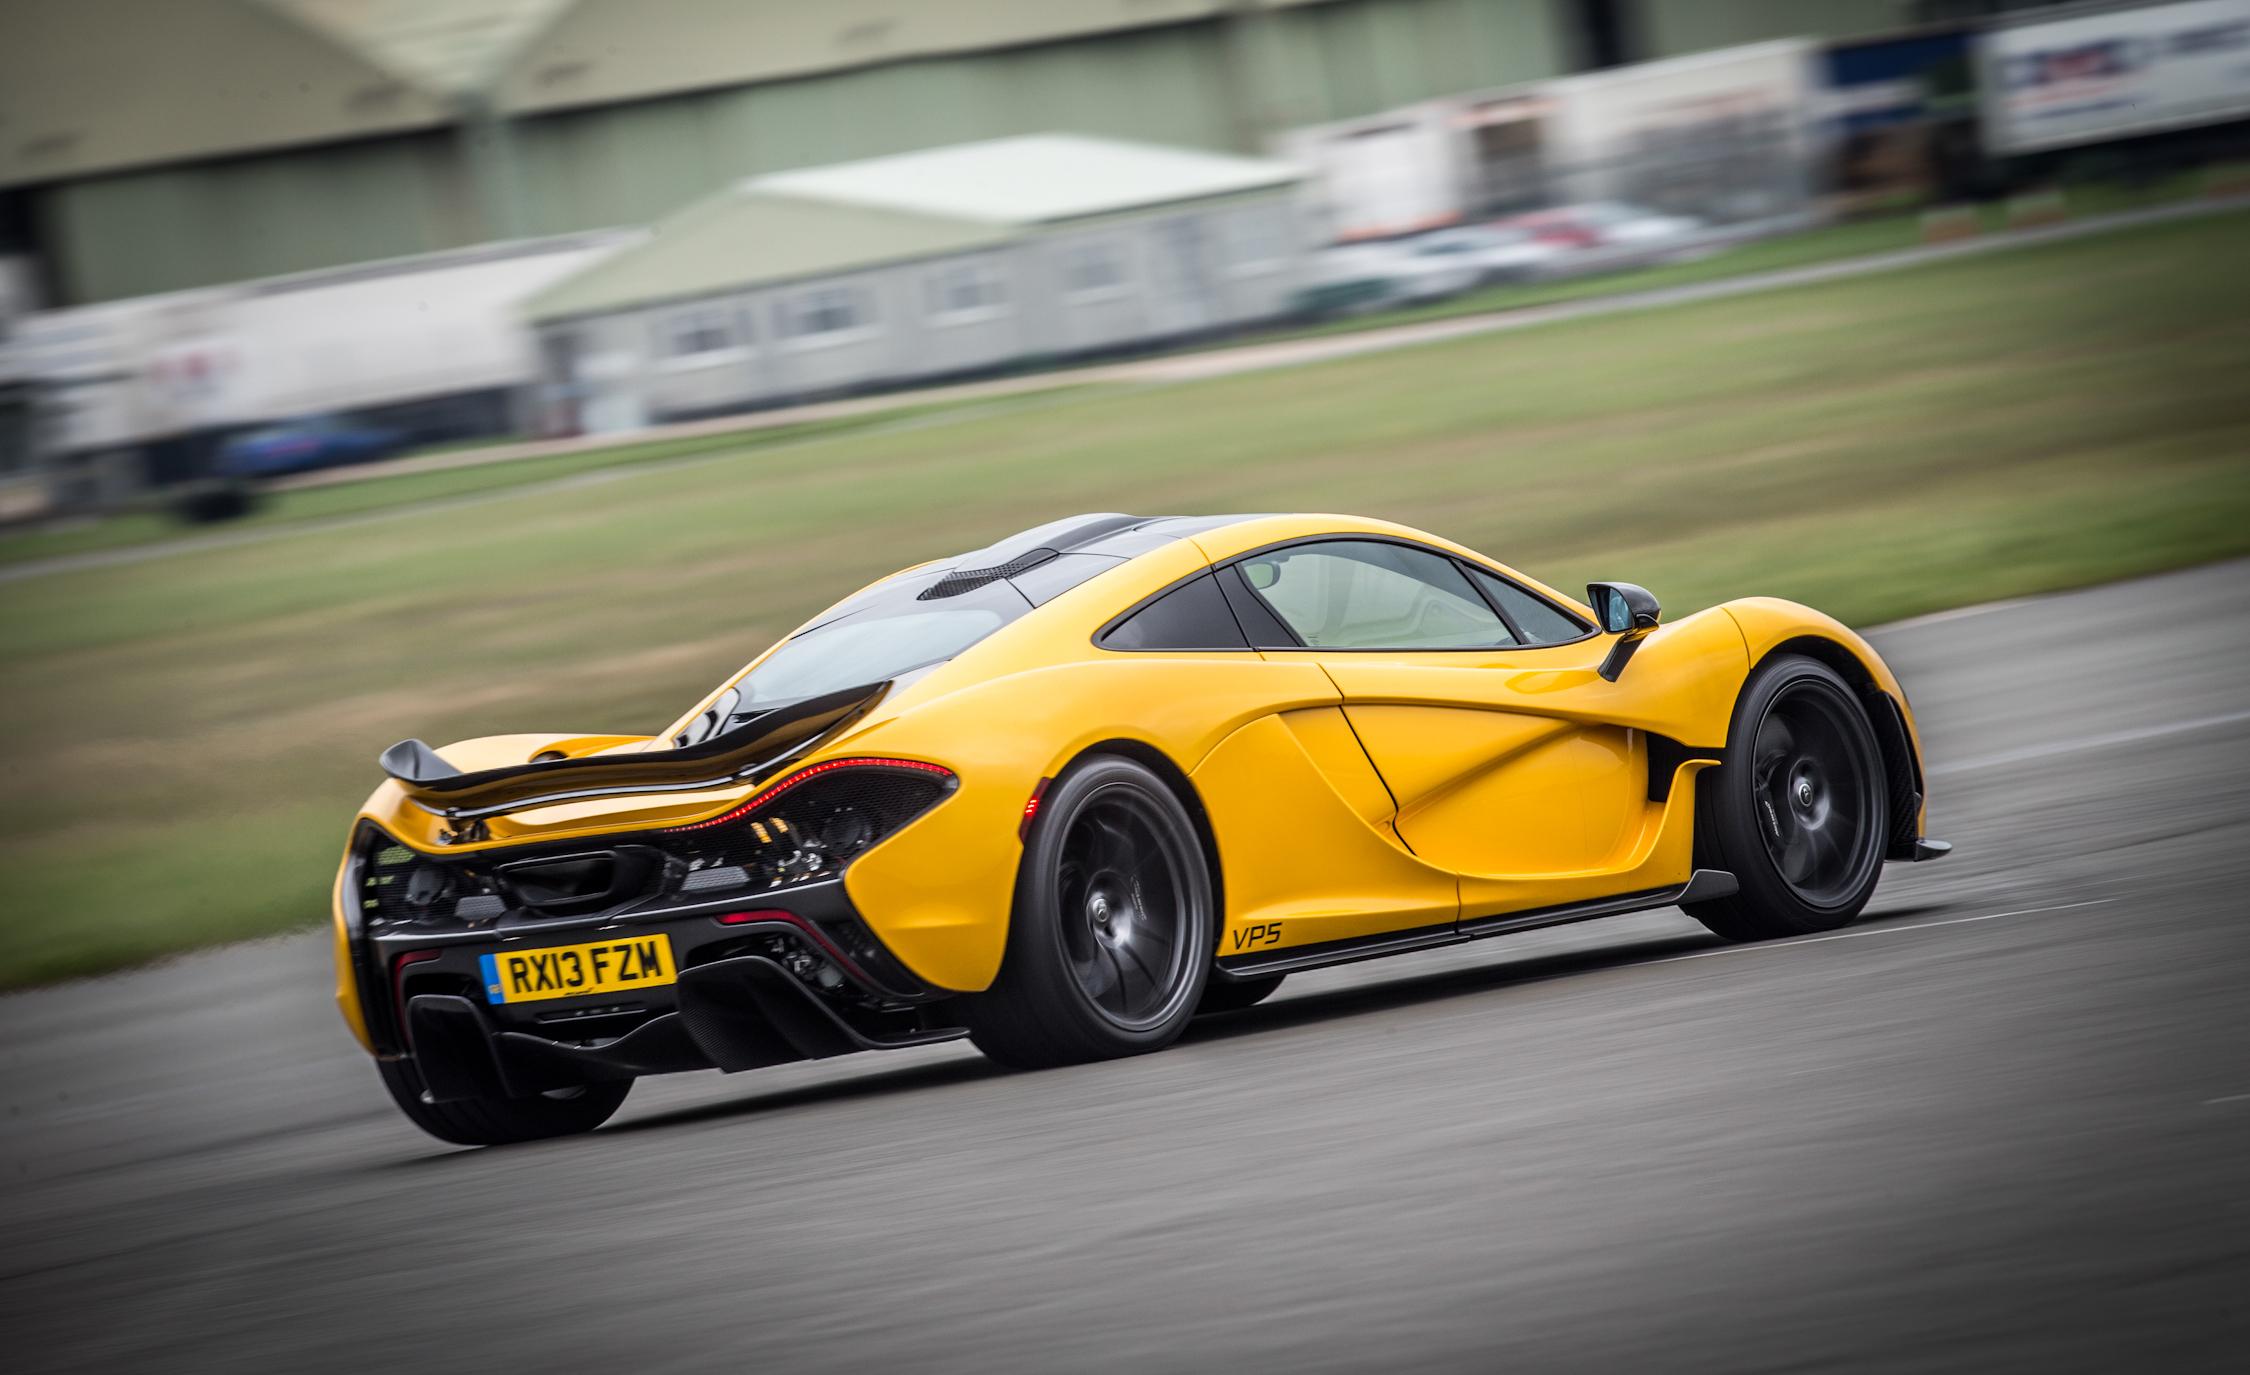 2014 McLaren P (View 2 of 53)